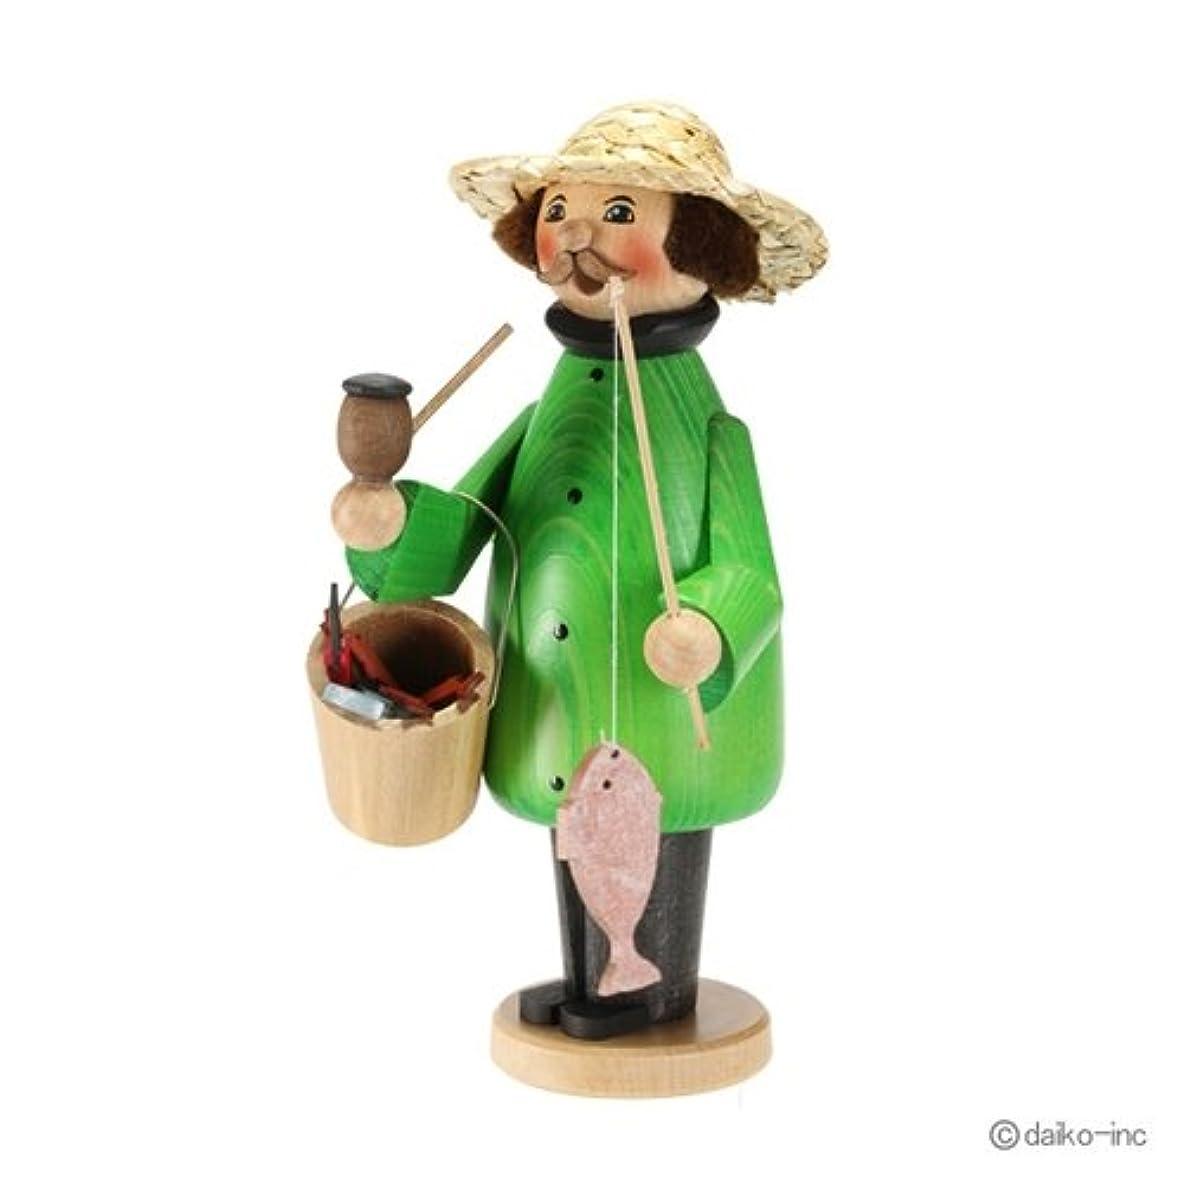 筋渦吸収するクーネルト kuhnert ミニパイプ人形香炉 釣り人